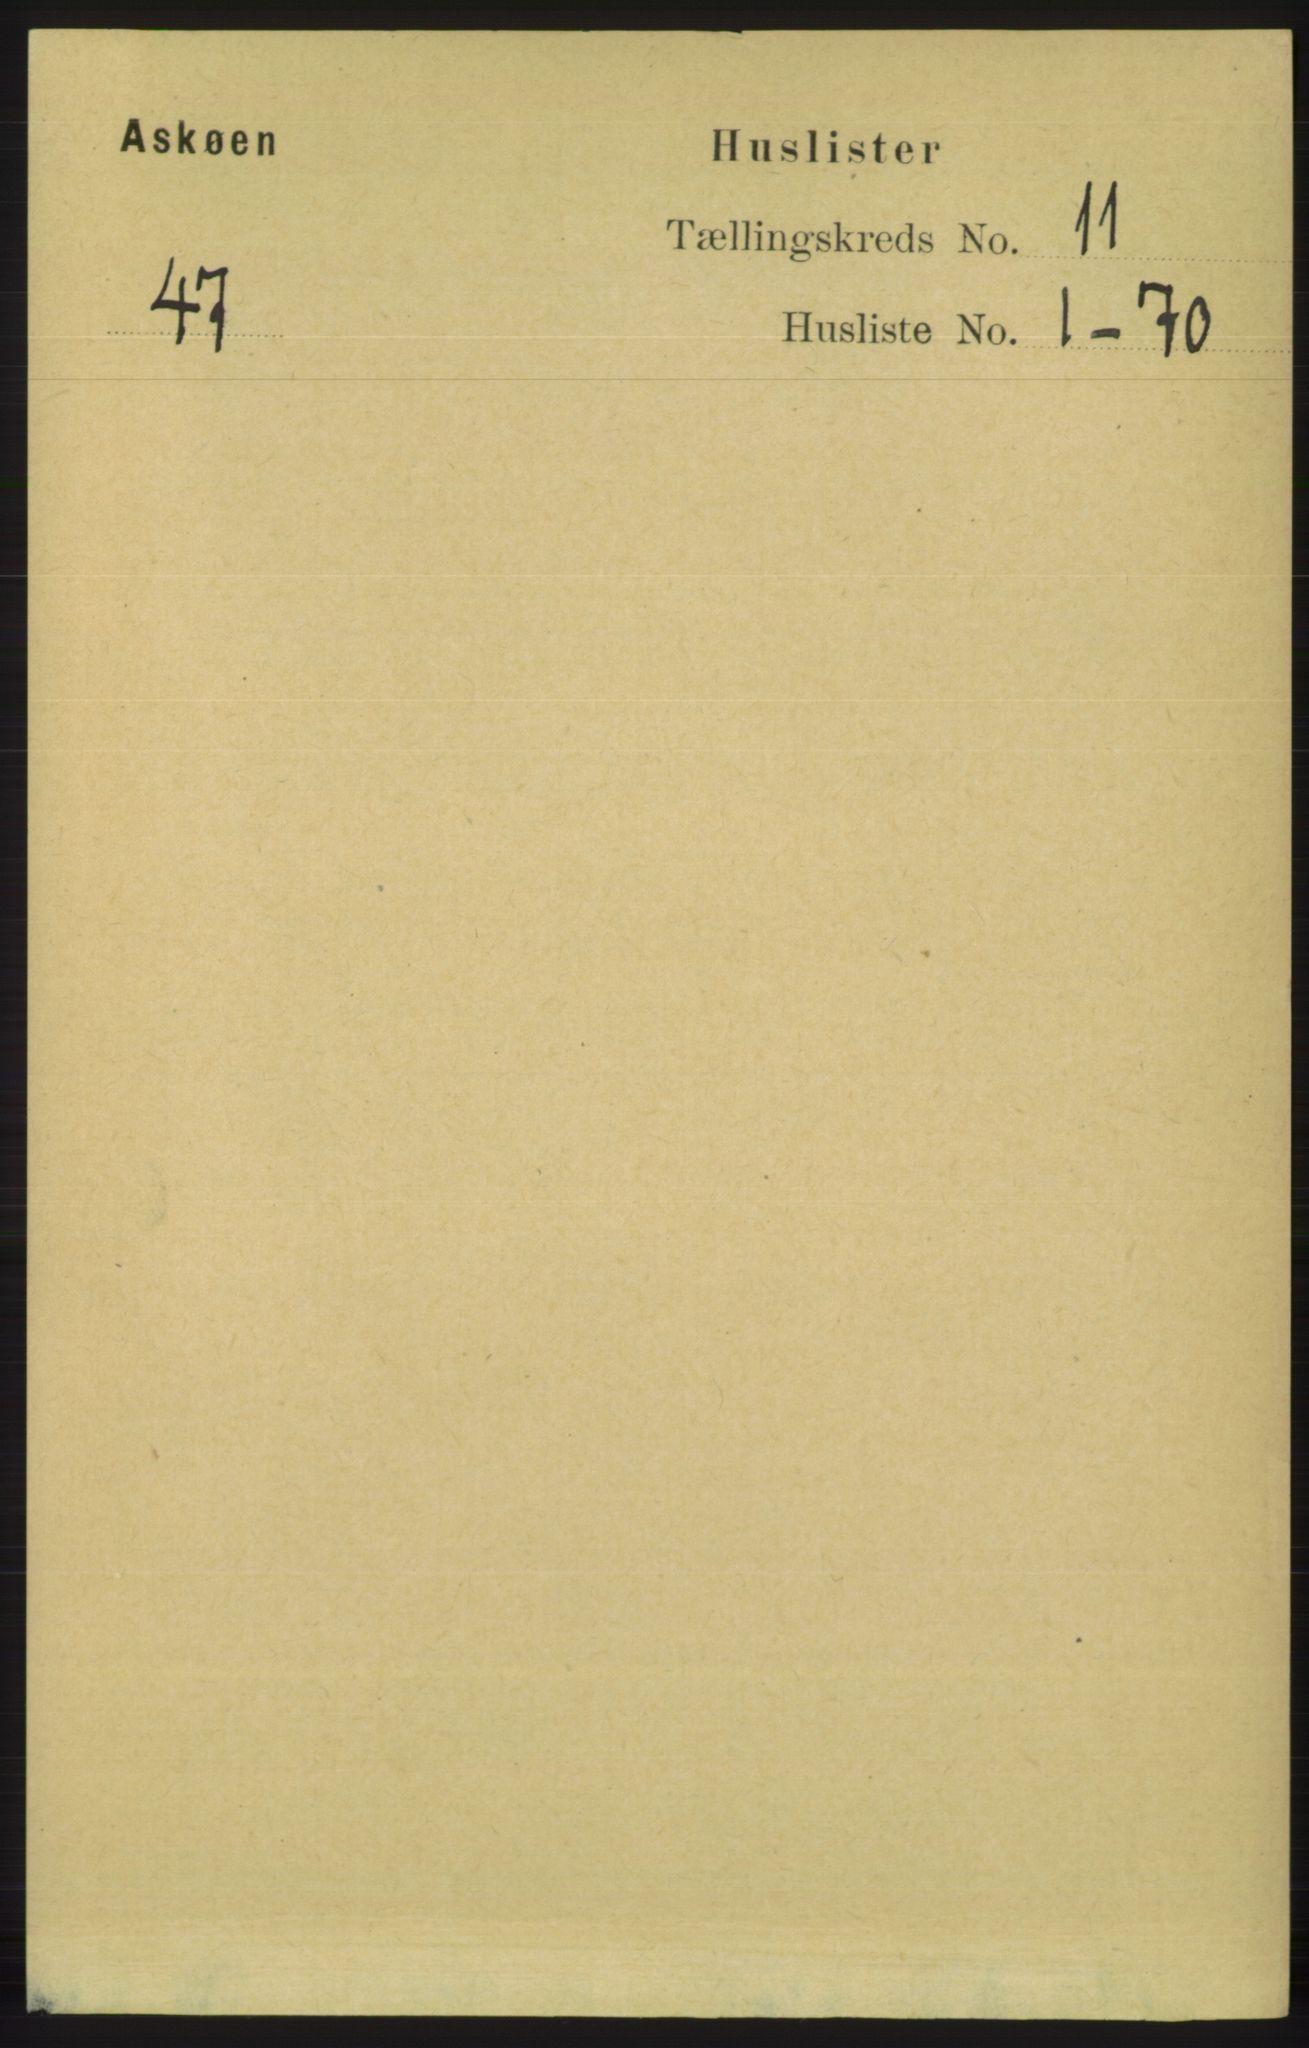 RA, Folketelling 1891 for 1247 Askøy herred, 1891, s. 7203